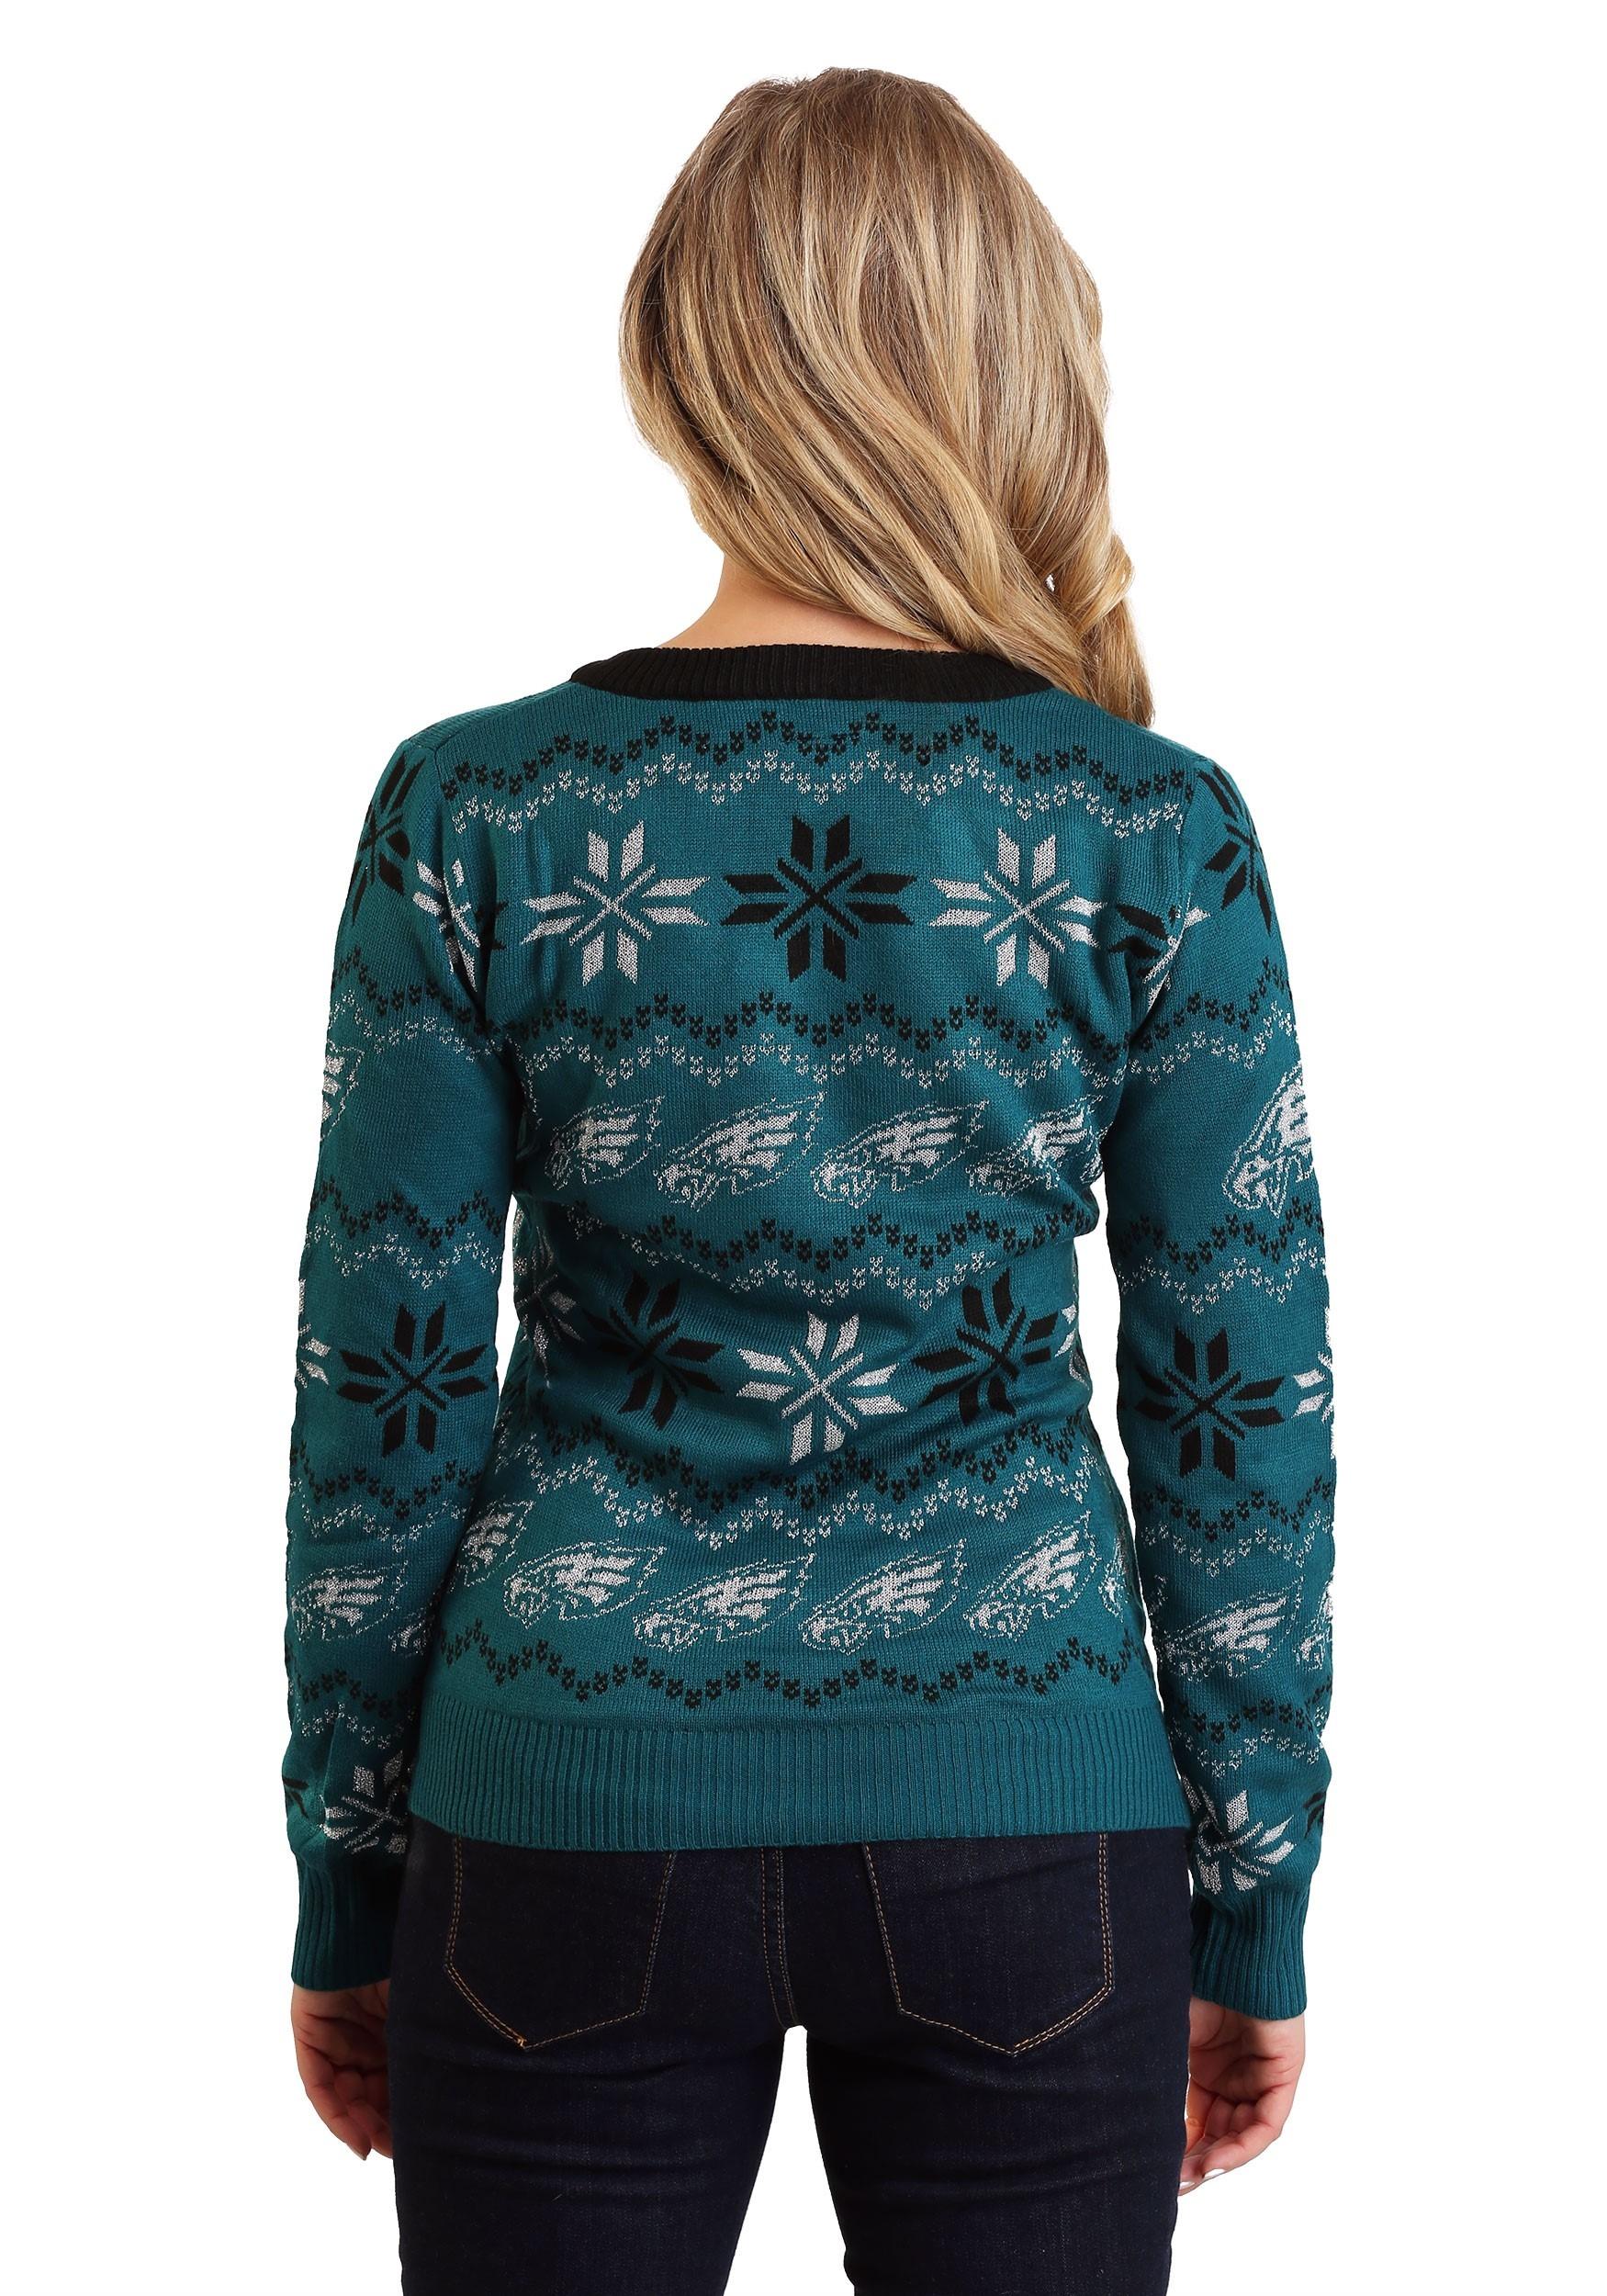 Philadelphia Eagles Light Up V Neck Bluetooth Sweater For Women